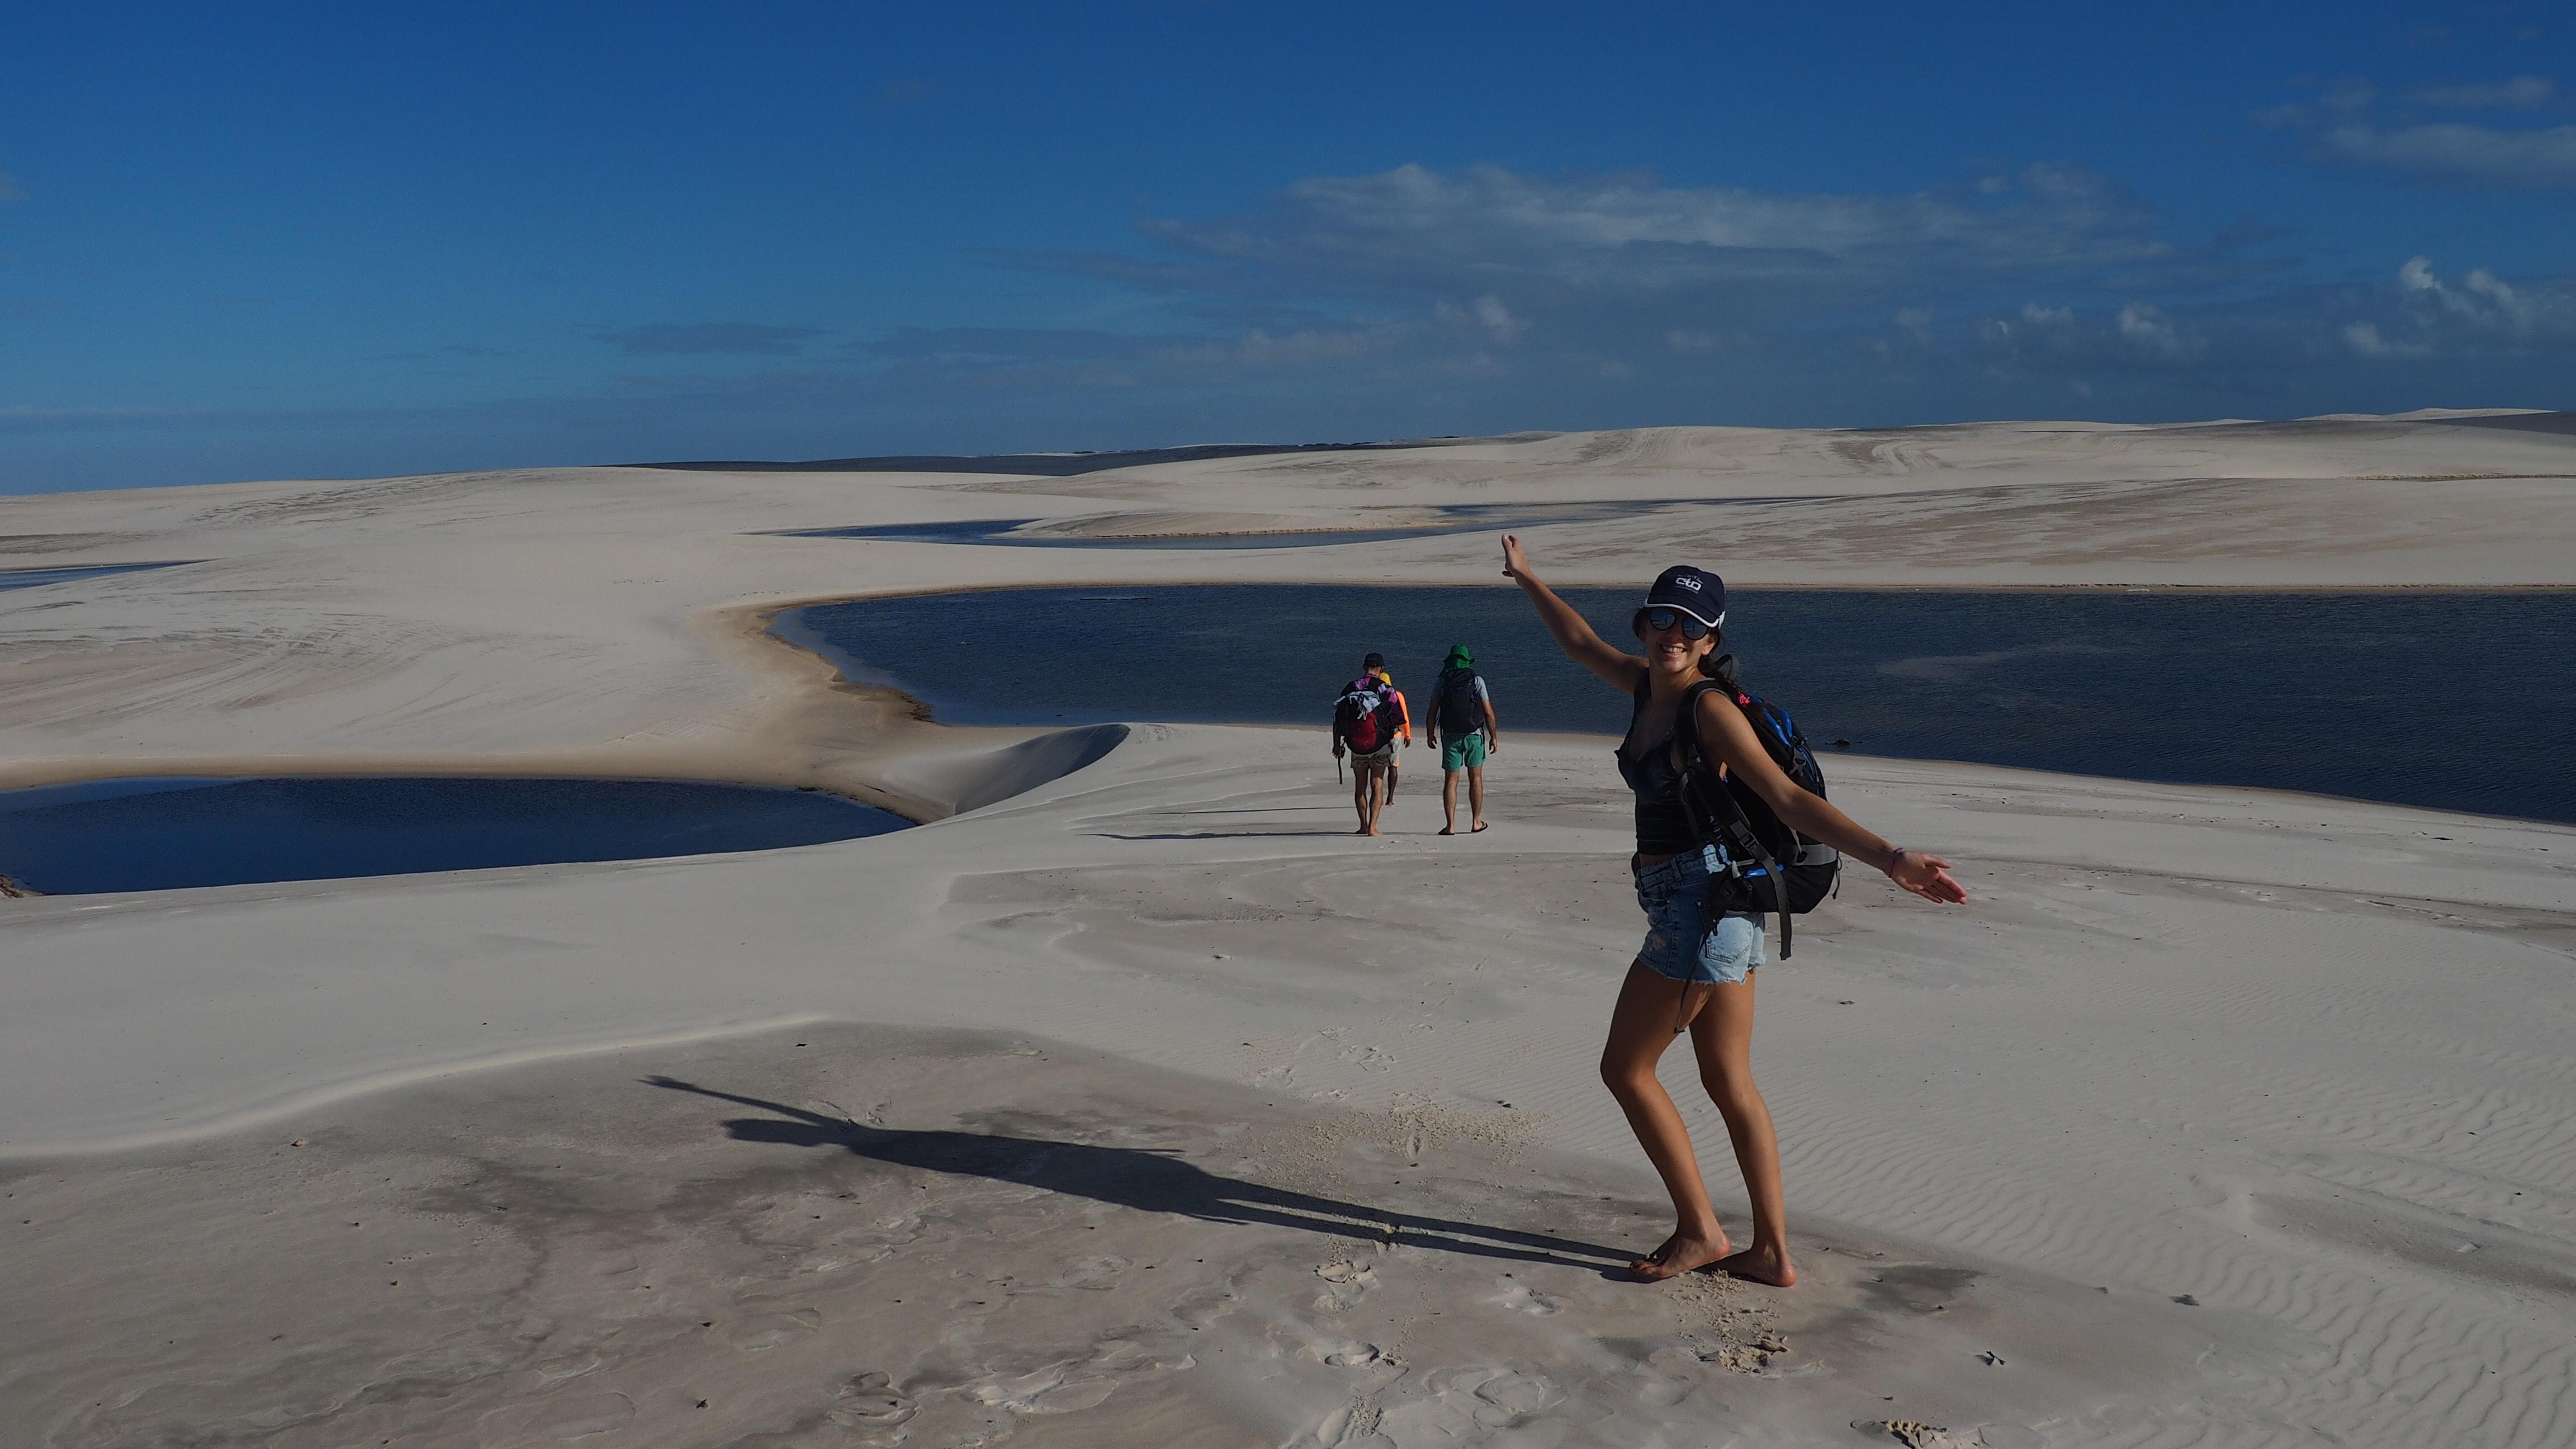 Vista de las dunas y los lagos durante la travesía en Lençois Maranhenses